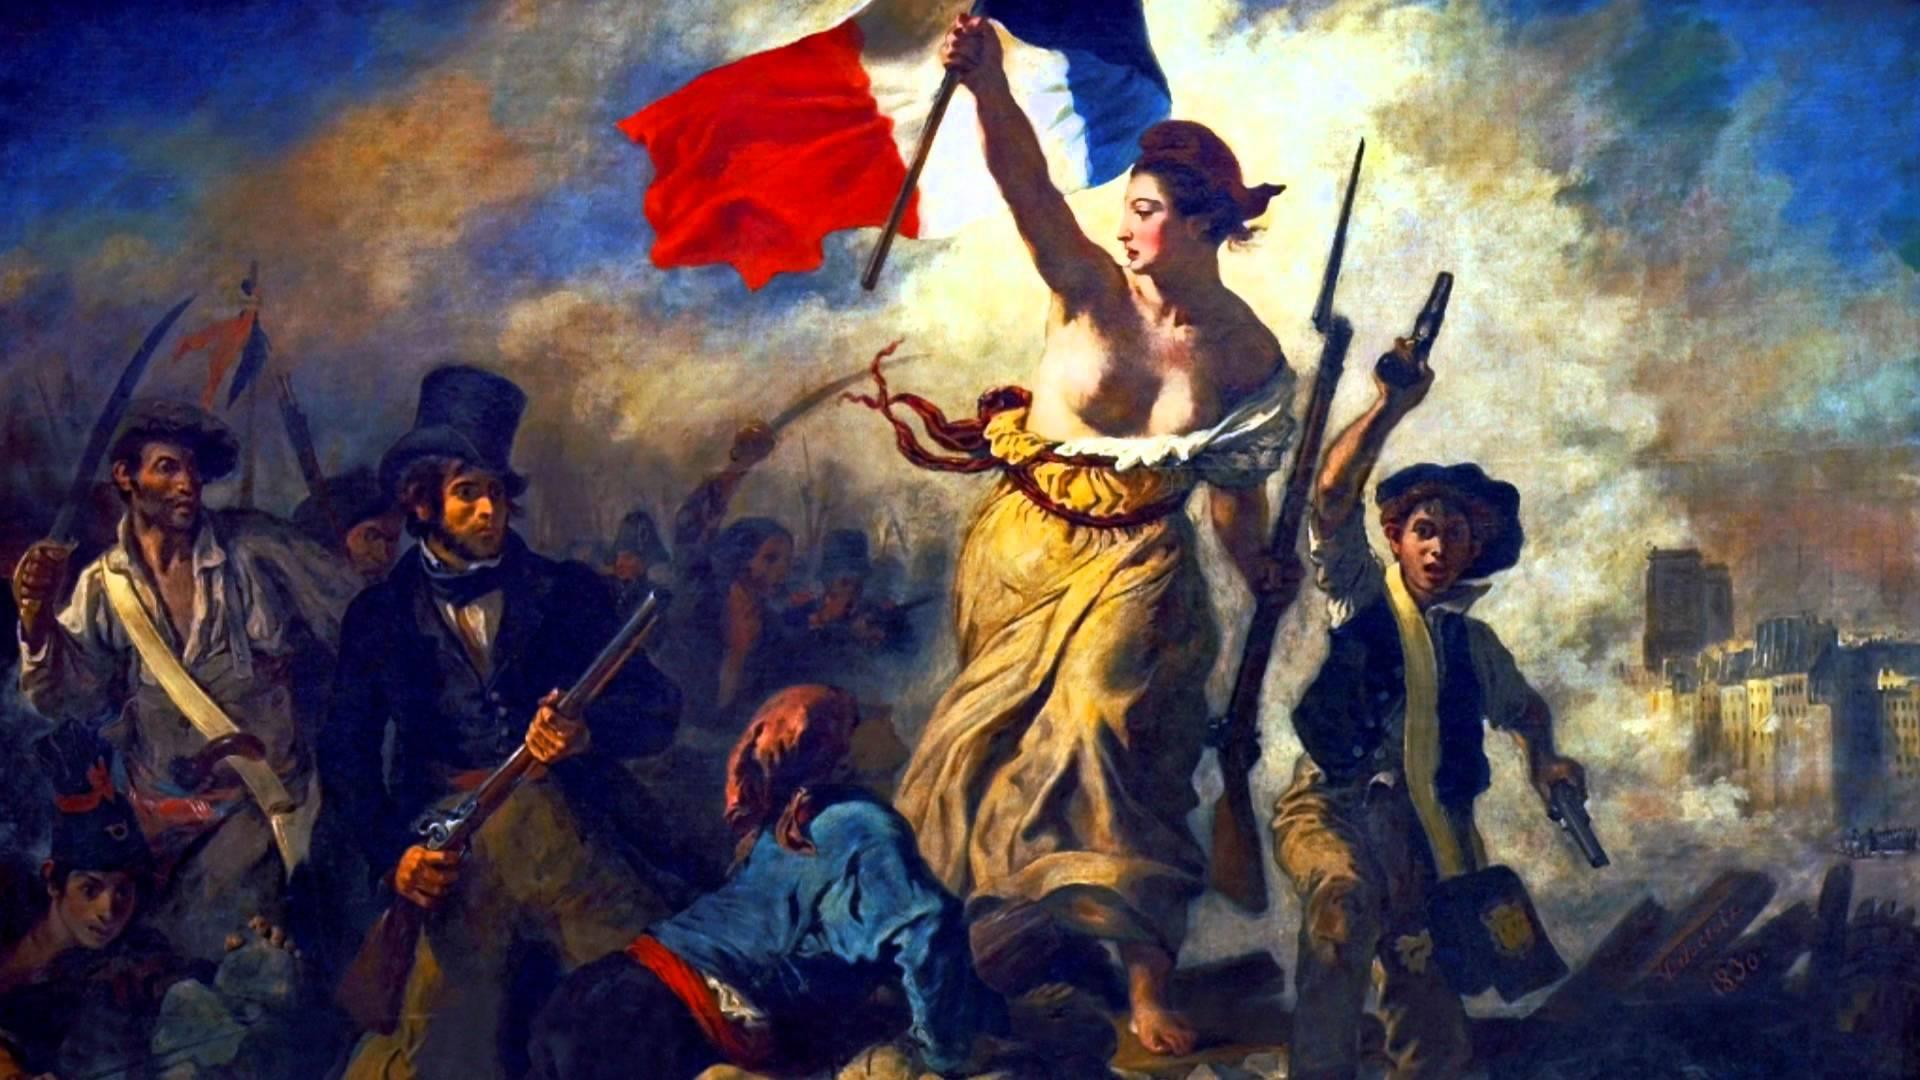 L'armée ne peut pas faire un coup d'Etat, c'est au peuple de se révolter !